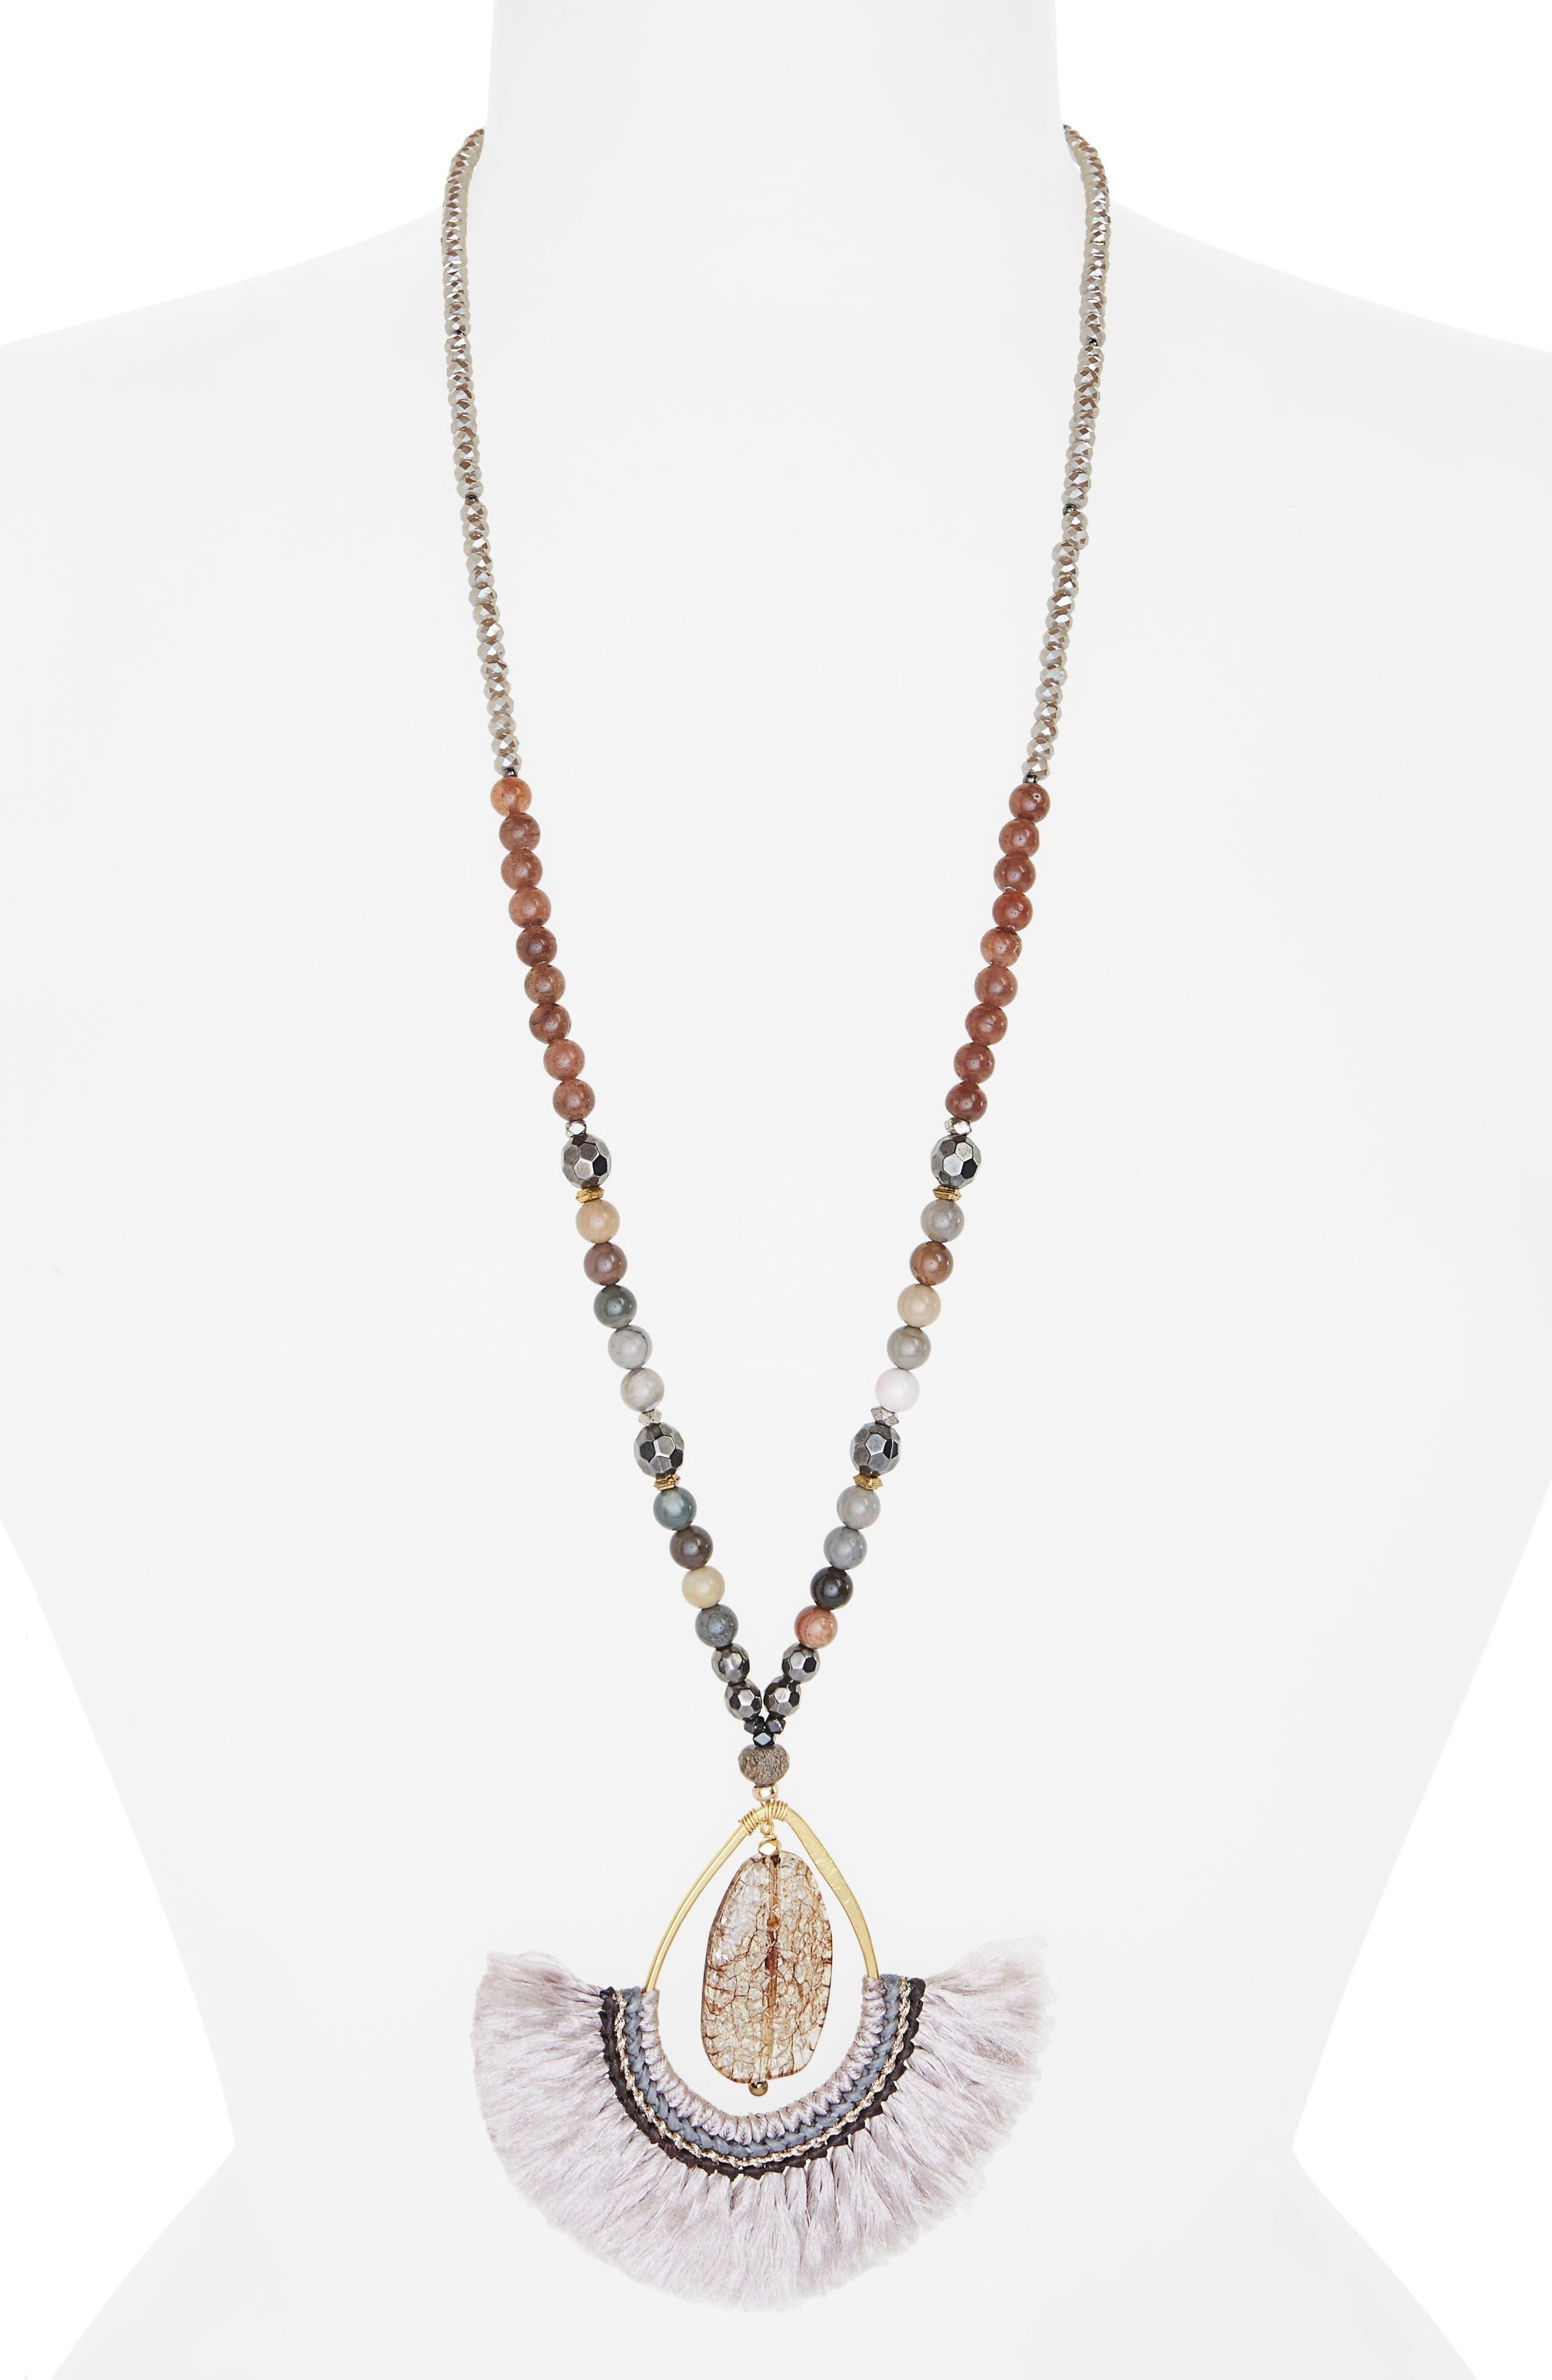 Fringed Agate Teardrop Pendant Necklace,                         Main,                         color, Nude